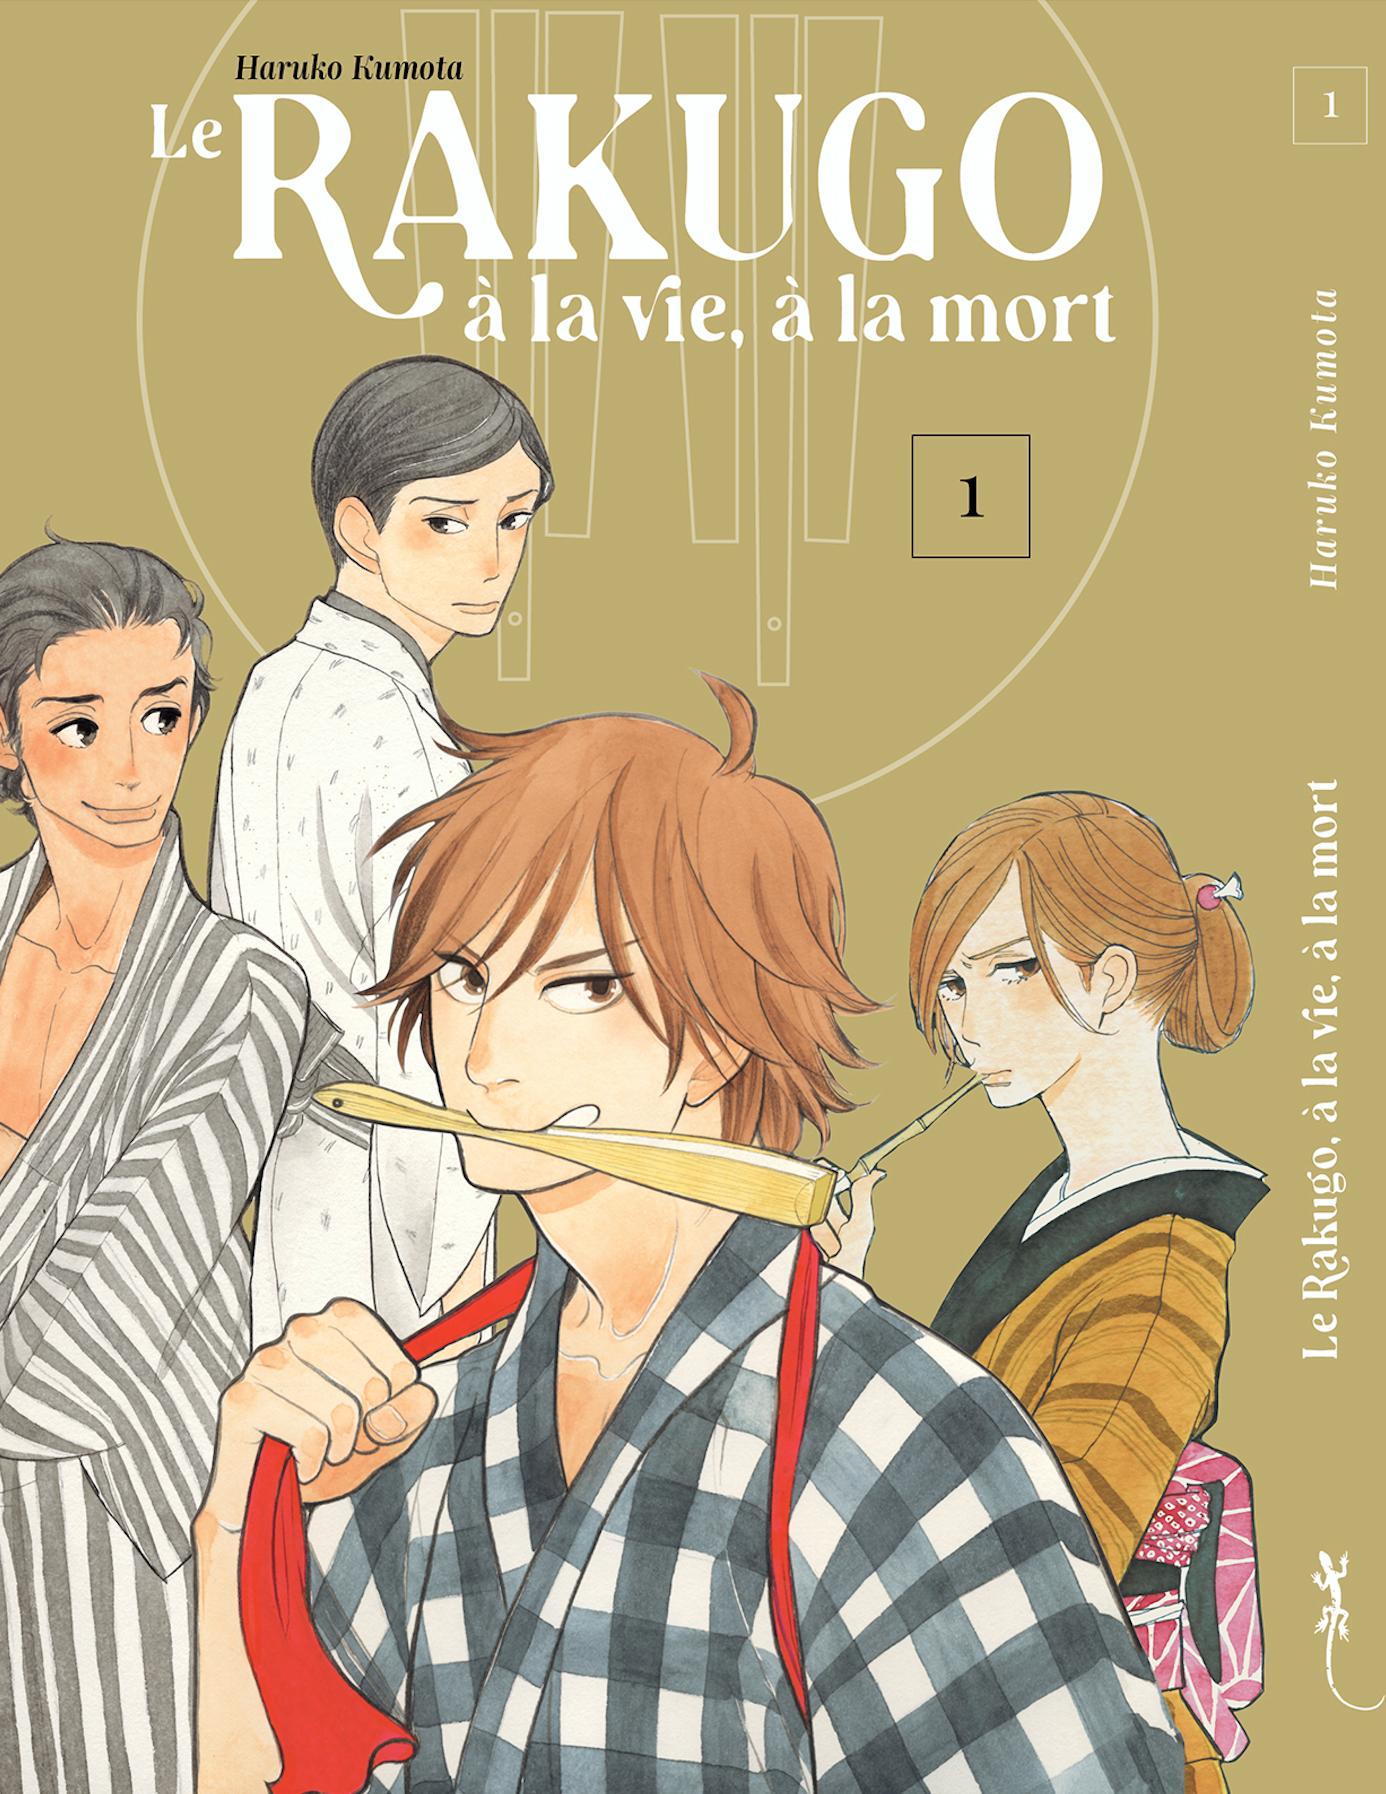 le-rakugo-à-la-vie-à-la-mort-showa-rakugo -shinju-en-francais